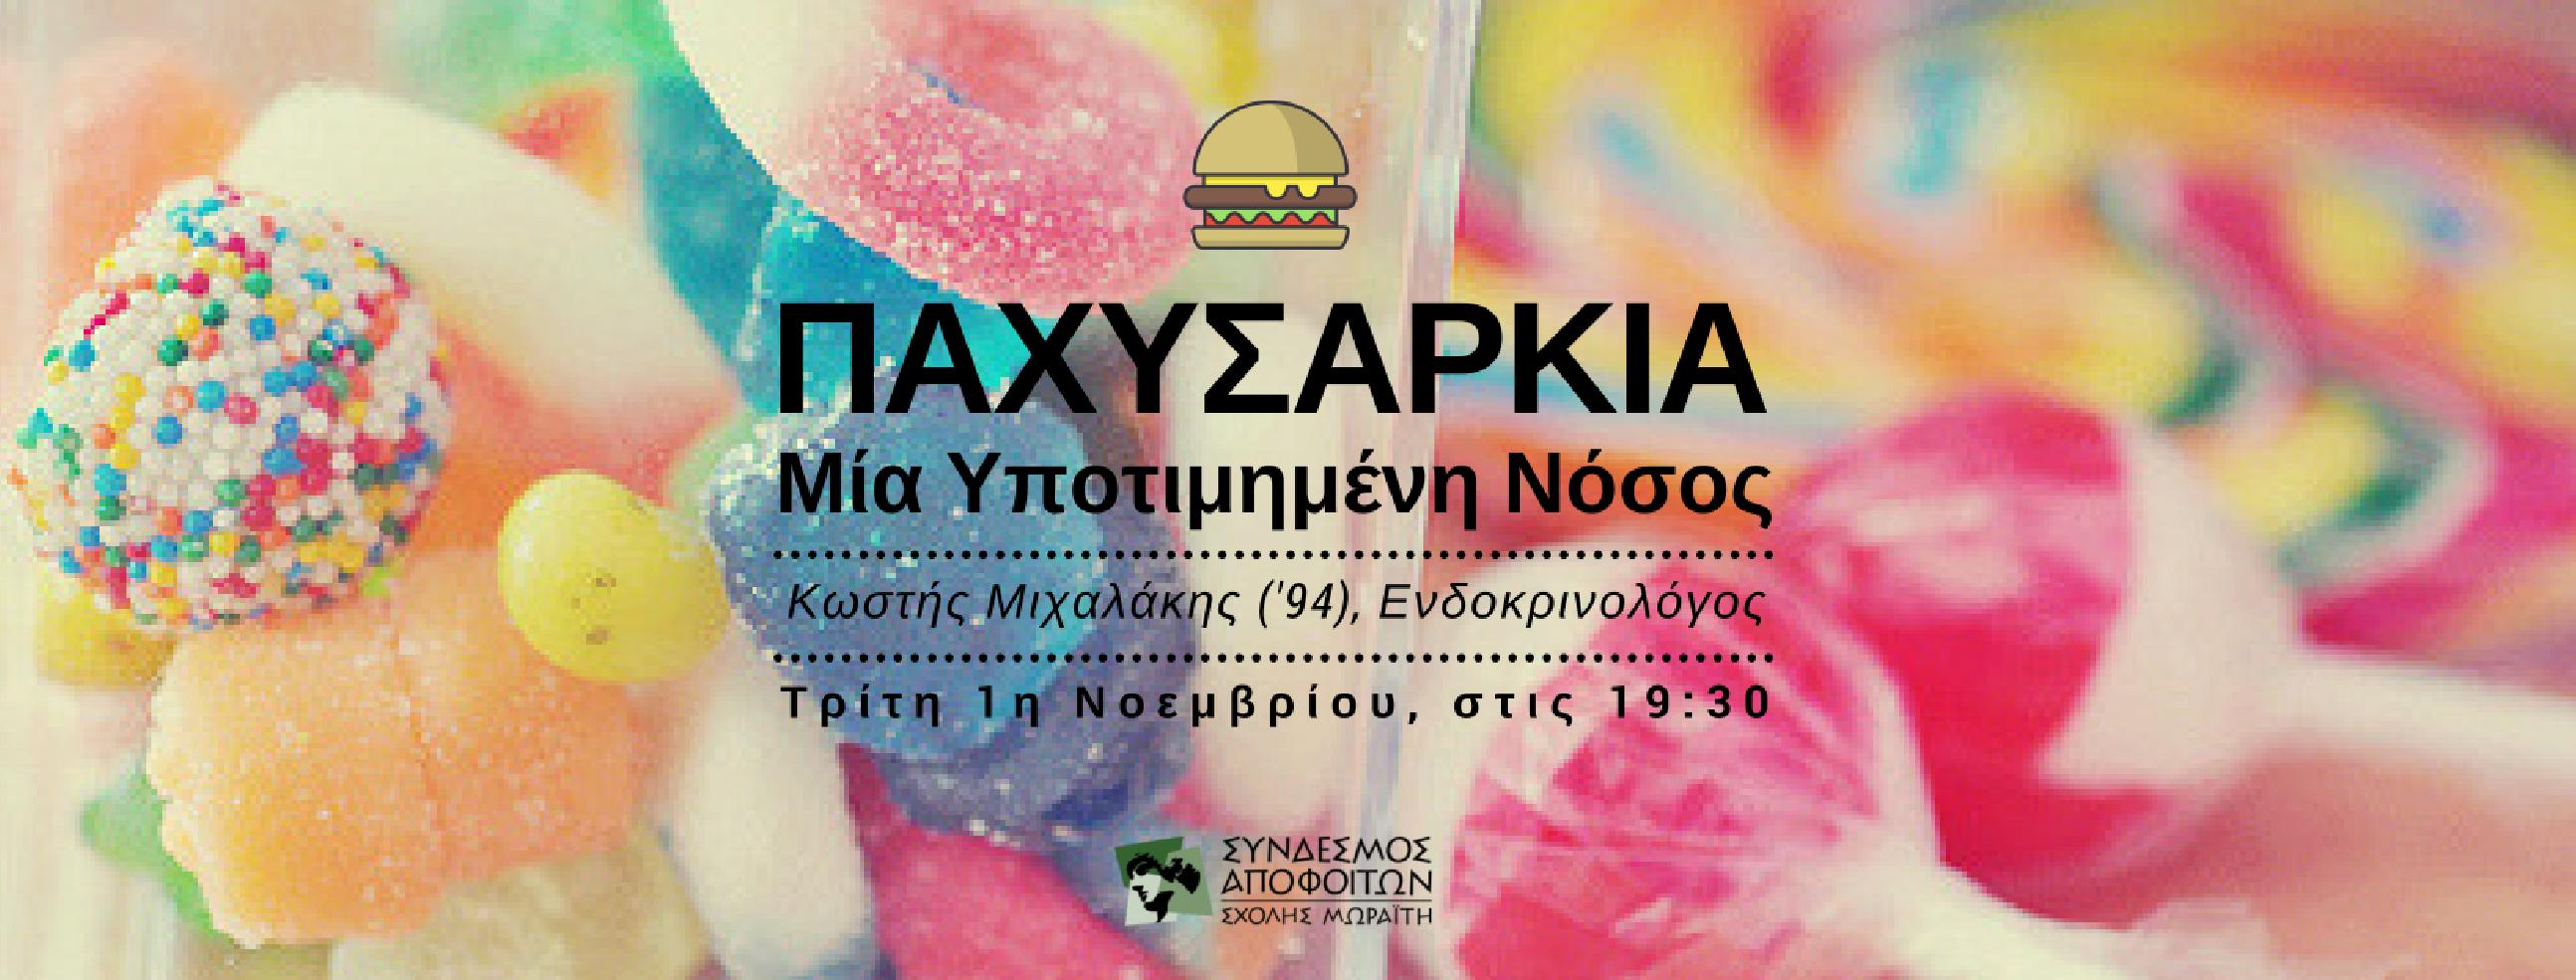 «Παχυσαρκία: Μία υποτιμημένη νόσος» @ Σχολή Μωραΐτη | Ελλάδα